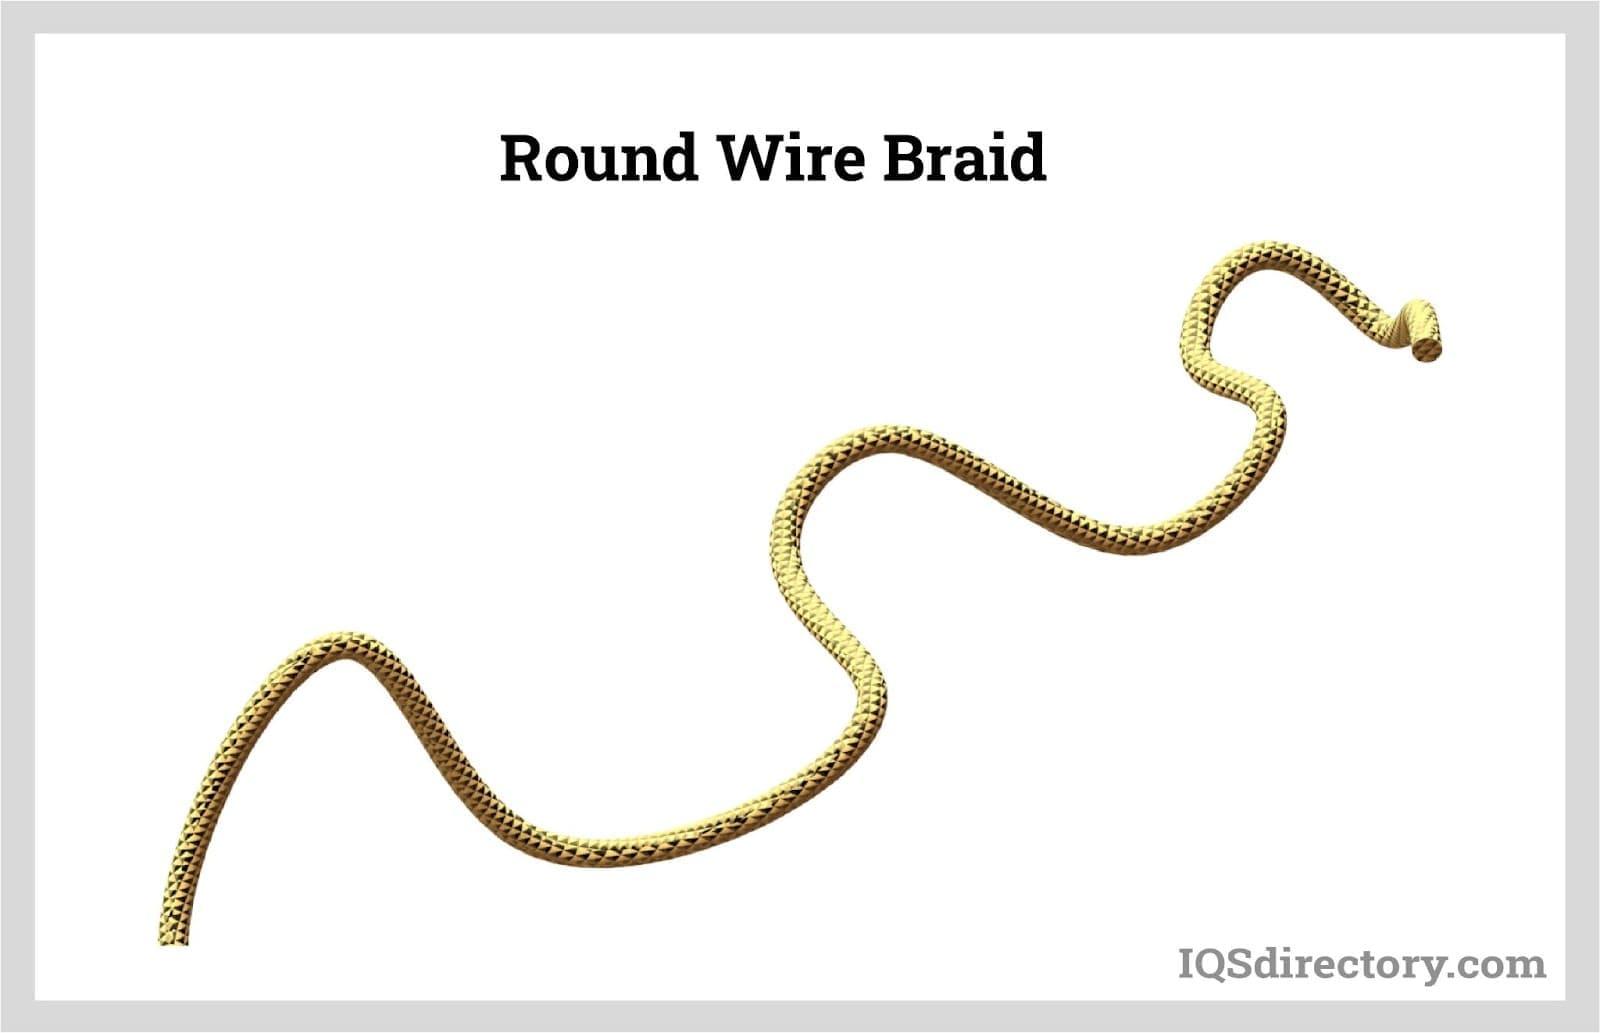 Round Wire Braid